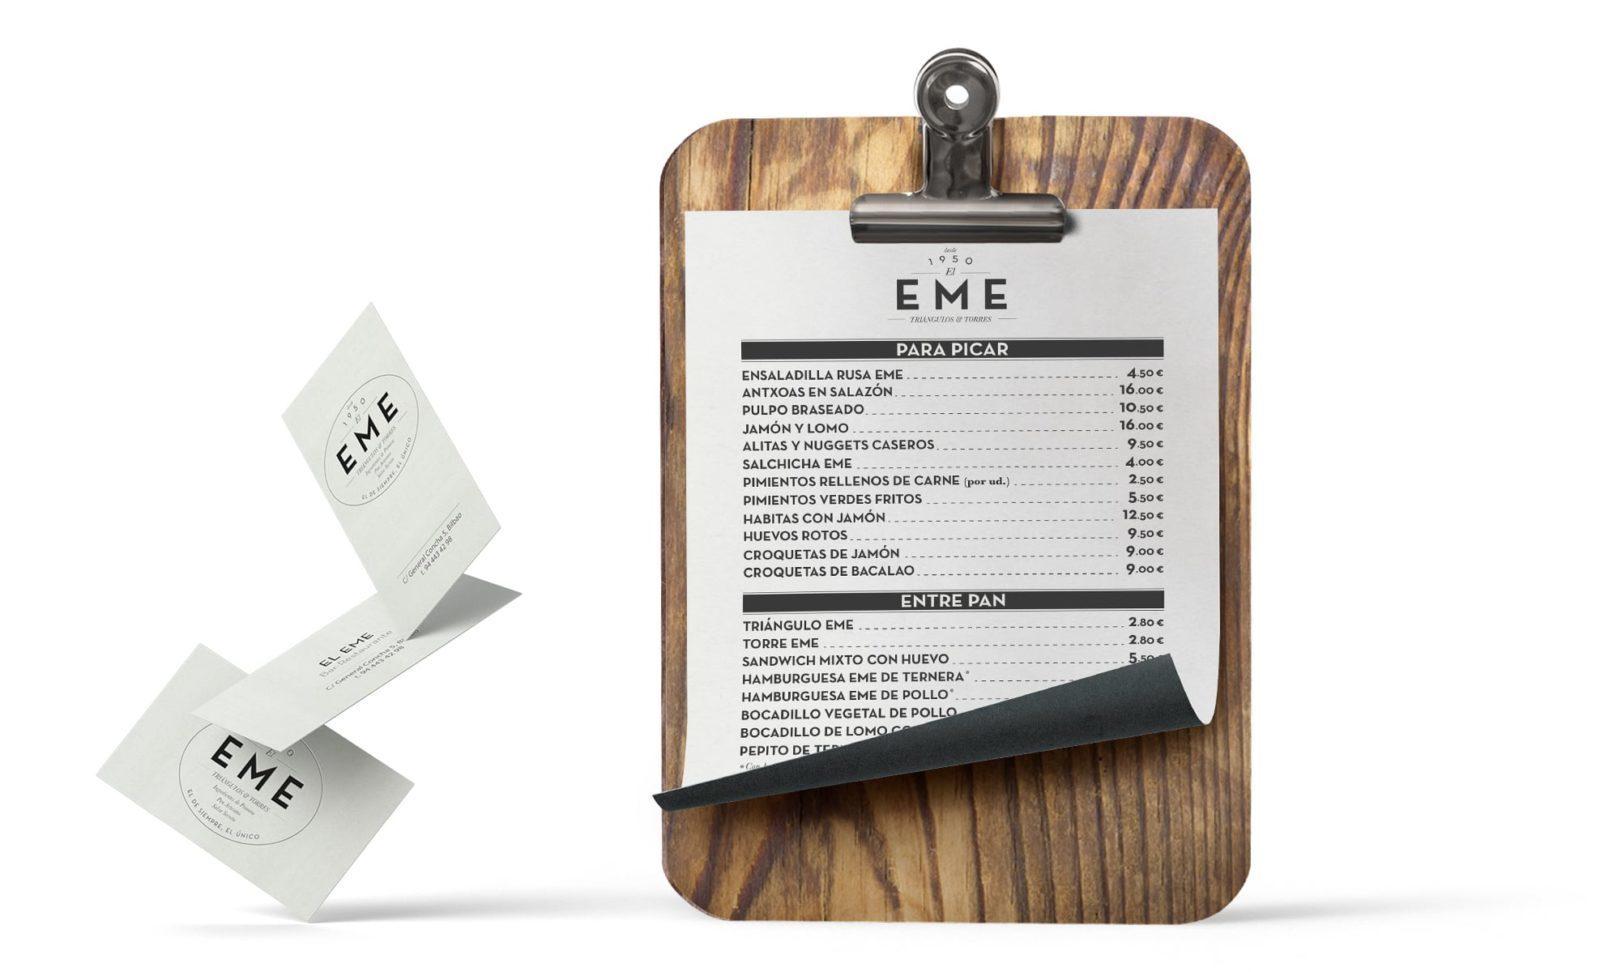 Sirope-Proyectos-Eme-carta